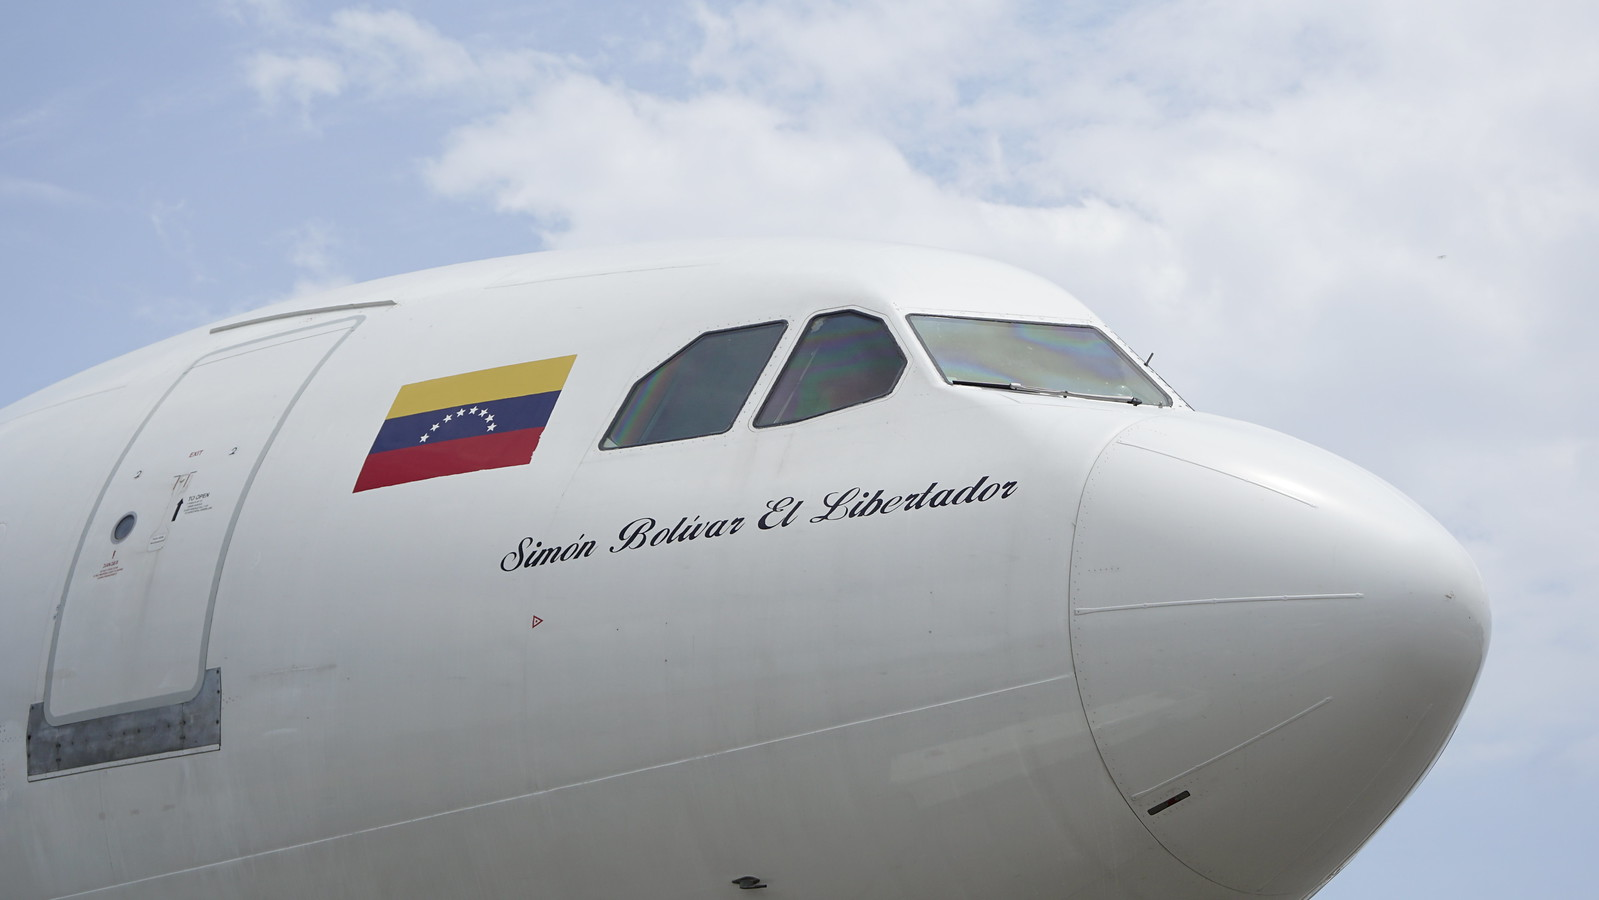 arriba a Venezuela décimo tercer cargamento de insumos médicos, equipos y medicamentos provenientes de la hermana República China